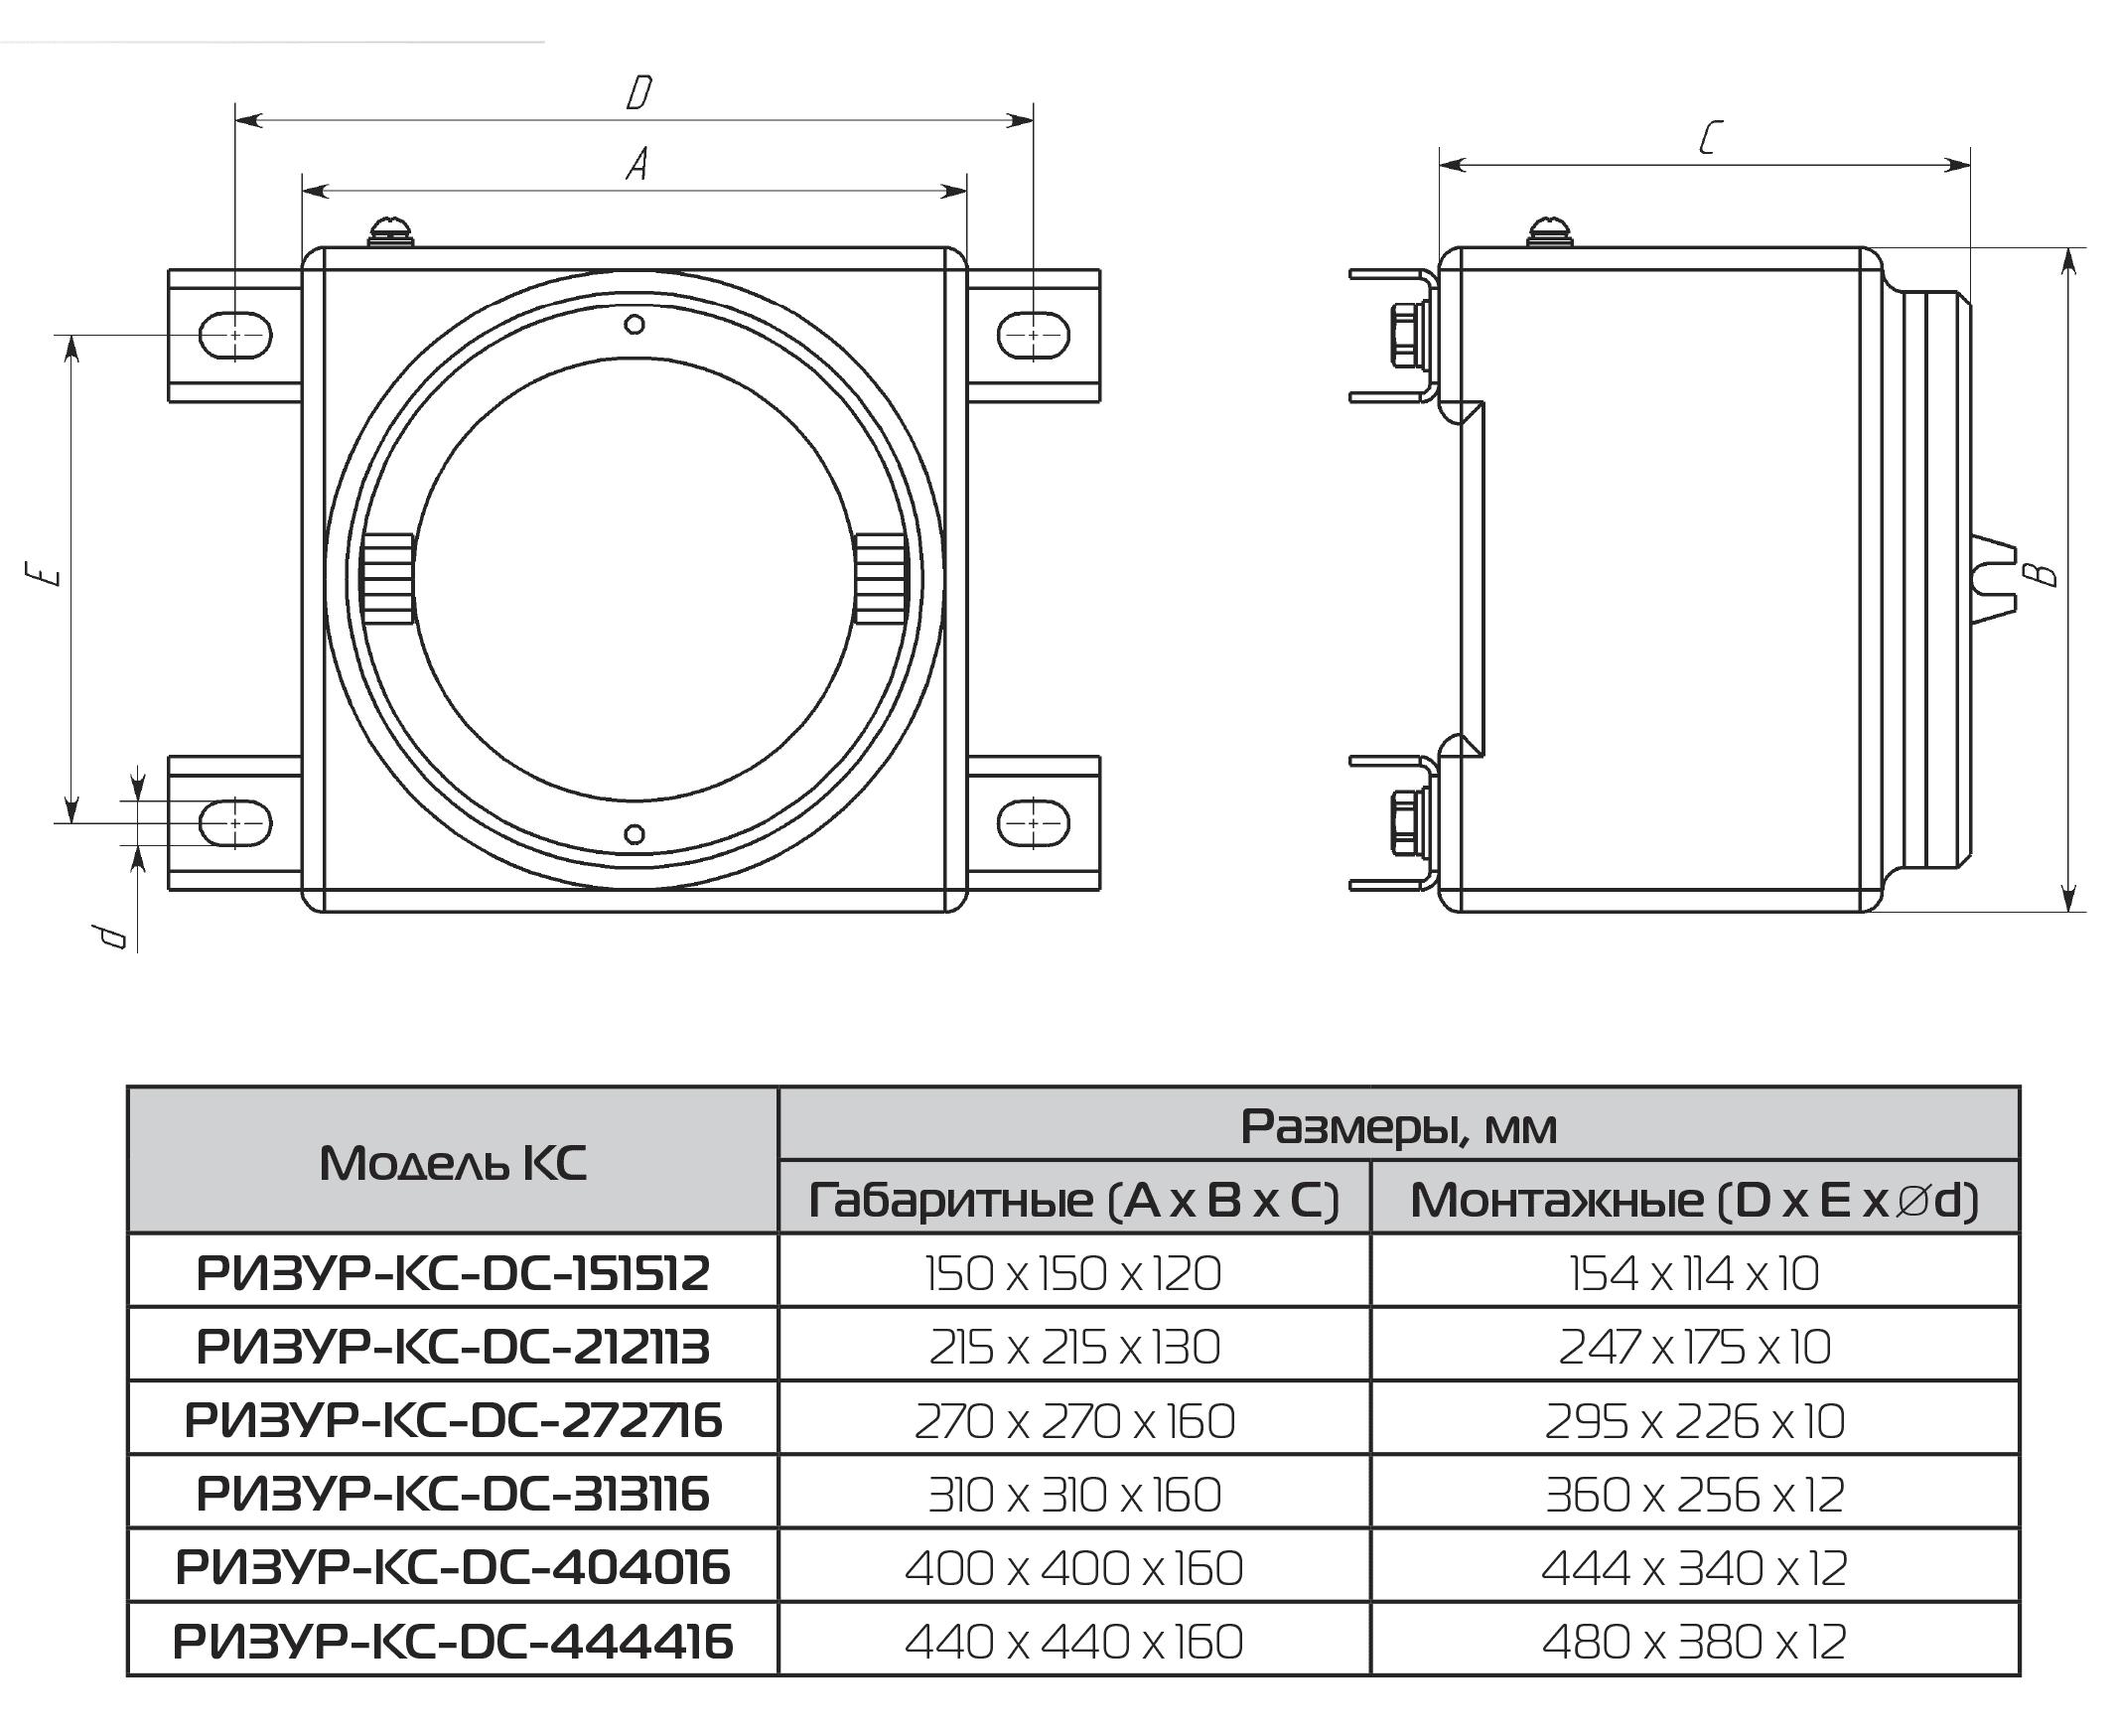 Коробка соединительная взрывозащищённая РИЗУР-КС-DC